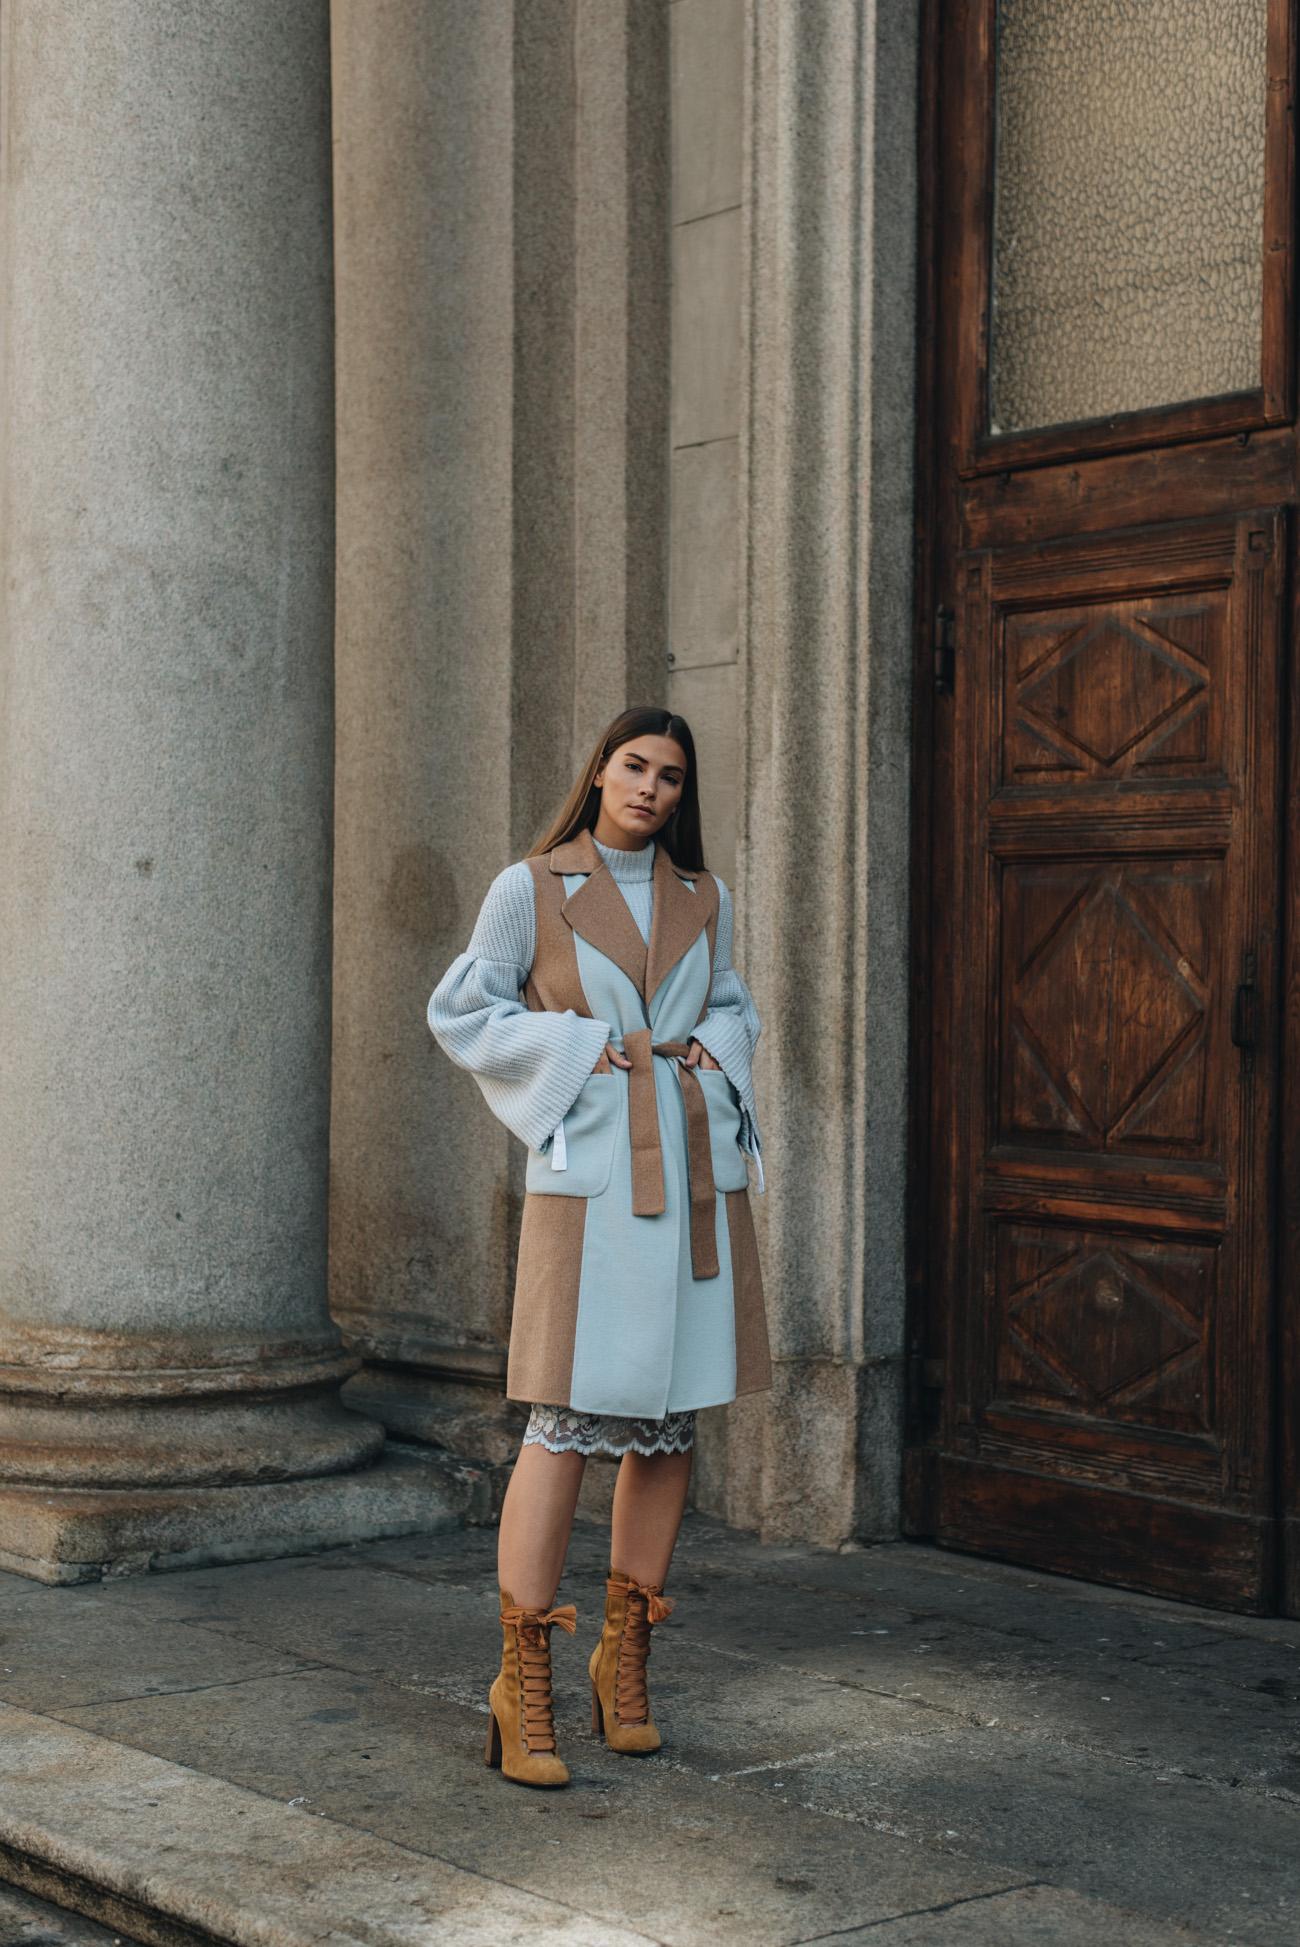 Vollzeit-fashion-lifestyle-bloggerin-luxus-high-end-deutschland-münchen-nina-schwichtenberg-fashiioncarpet